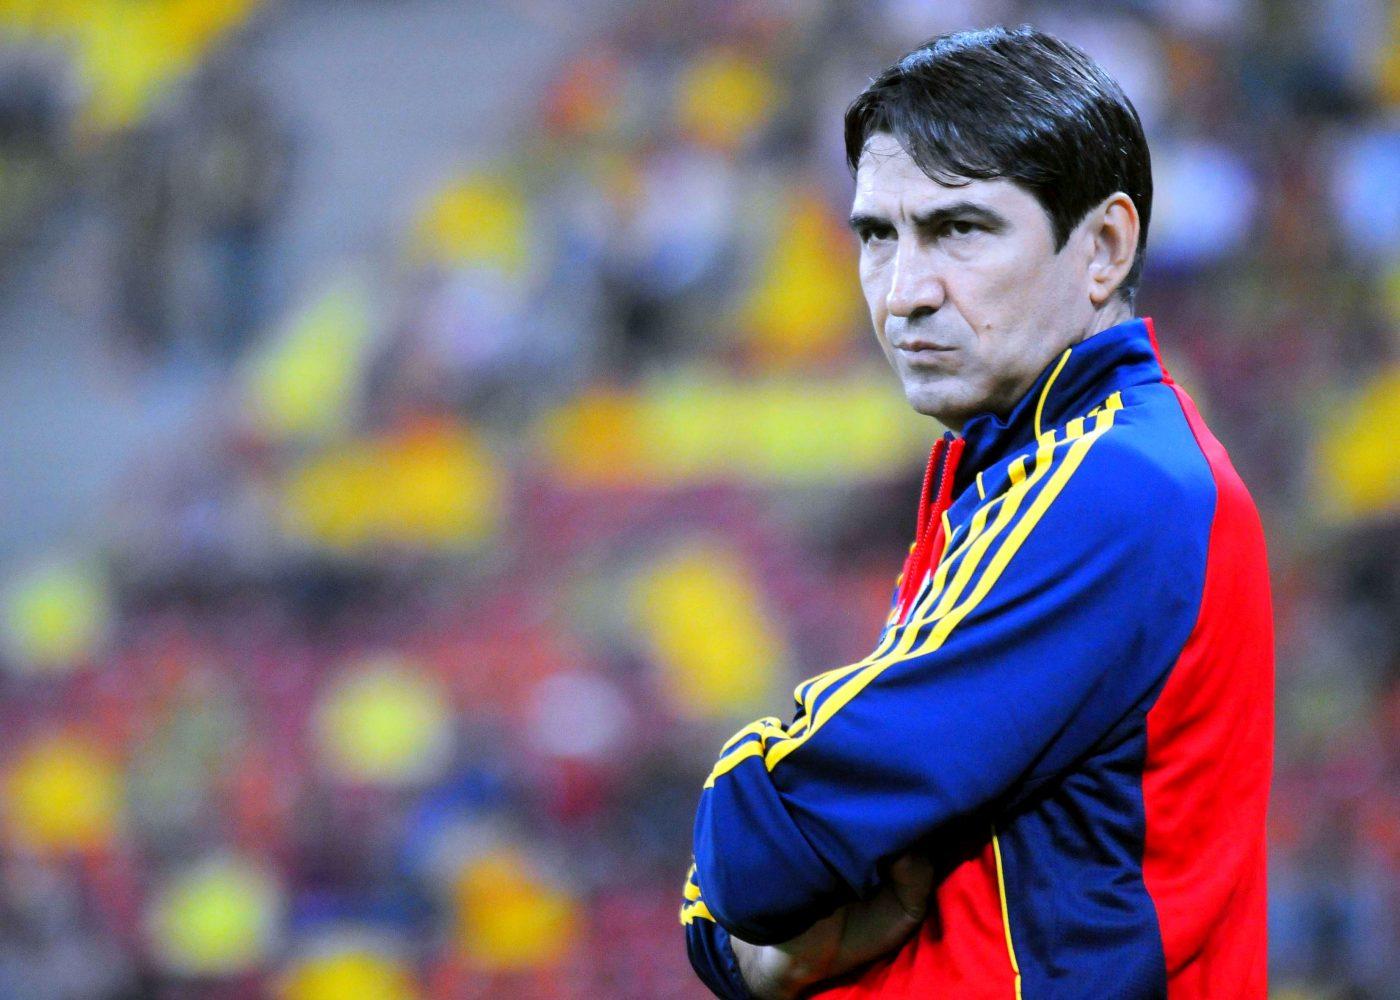 Victor Pițurcă a fost demis după ce a calificat România la Euro 2000, din cauza unui conflict cu liderii echipei naționale